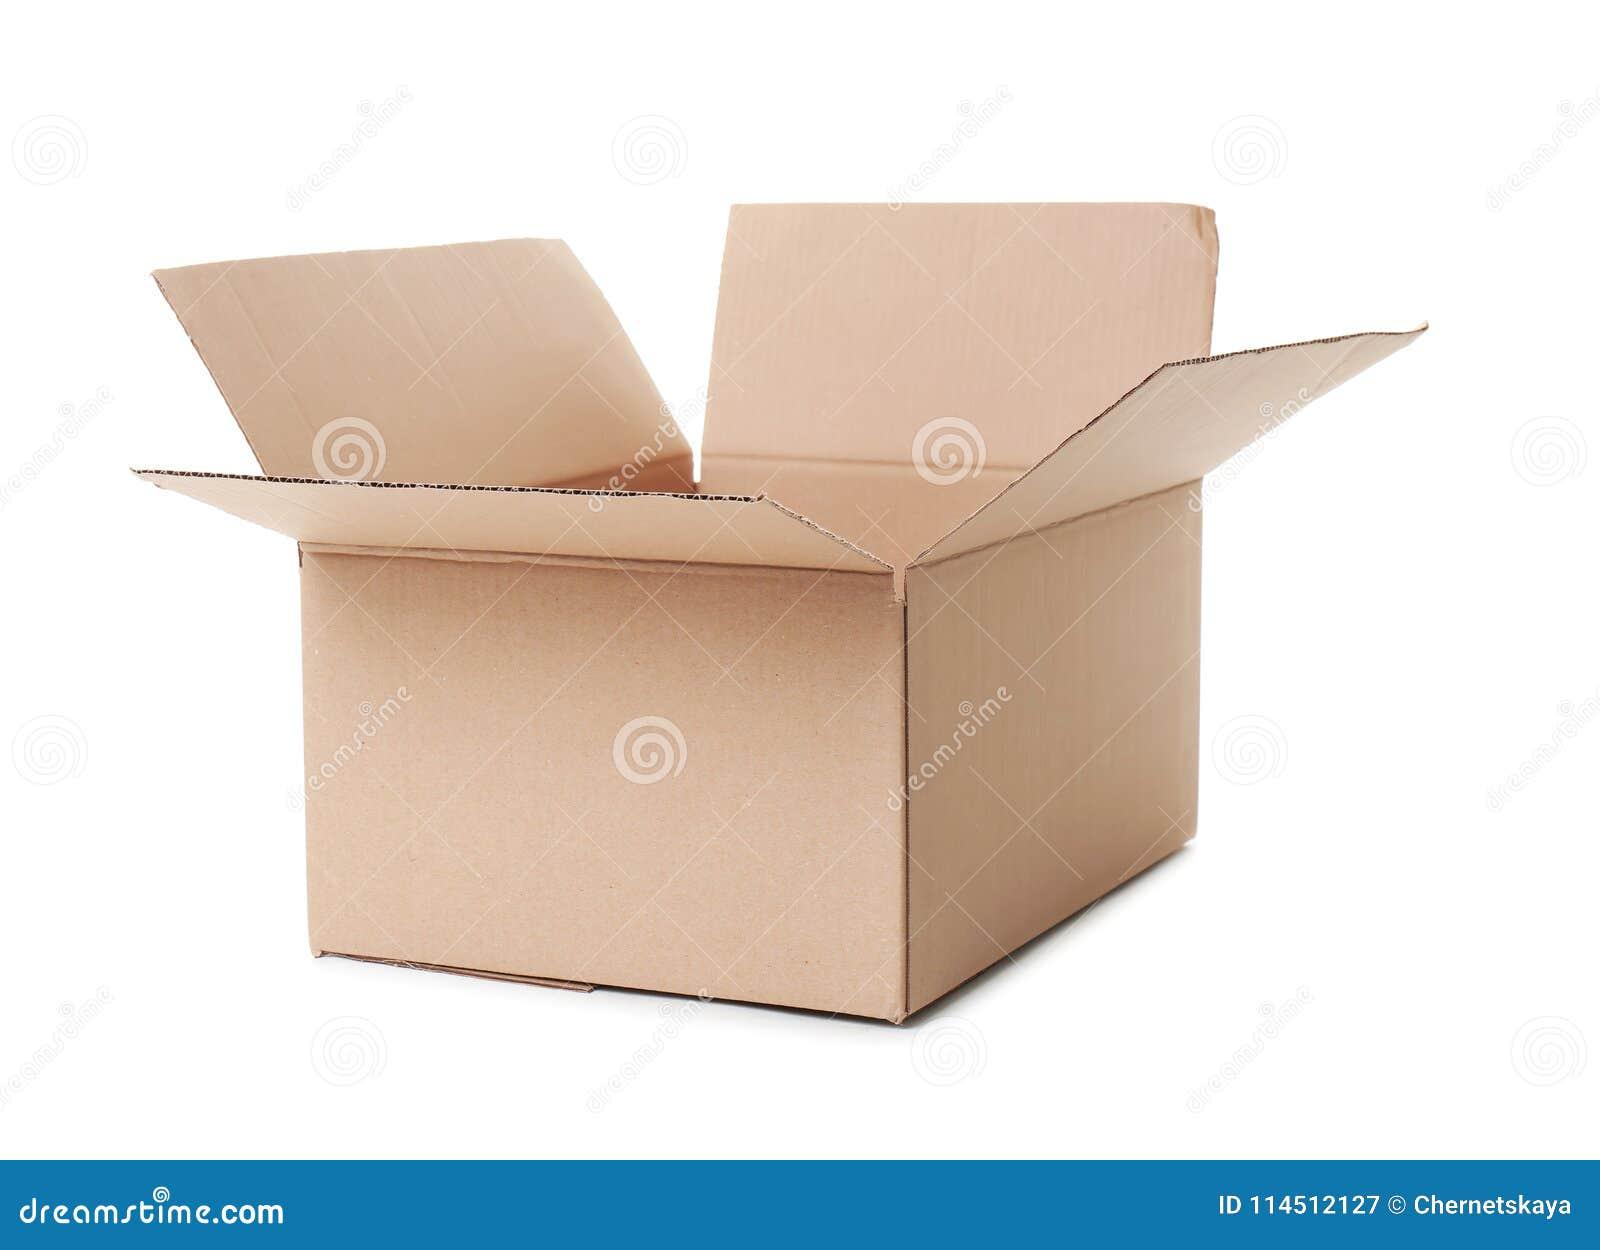 Öffnen Sie Pappschachtel auf Hintergrund